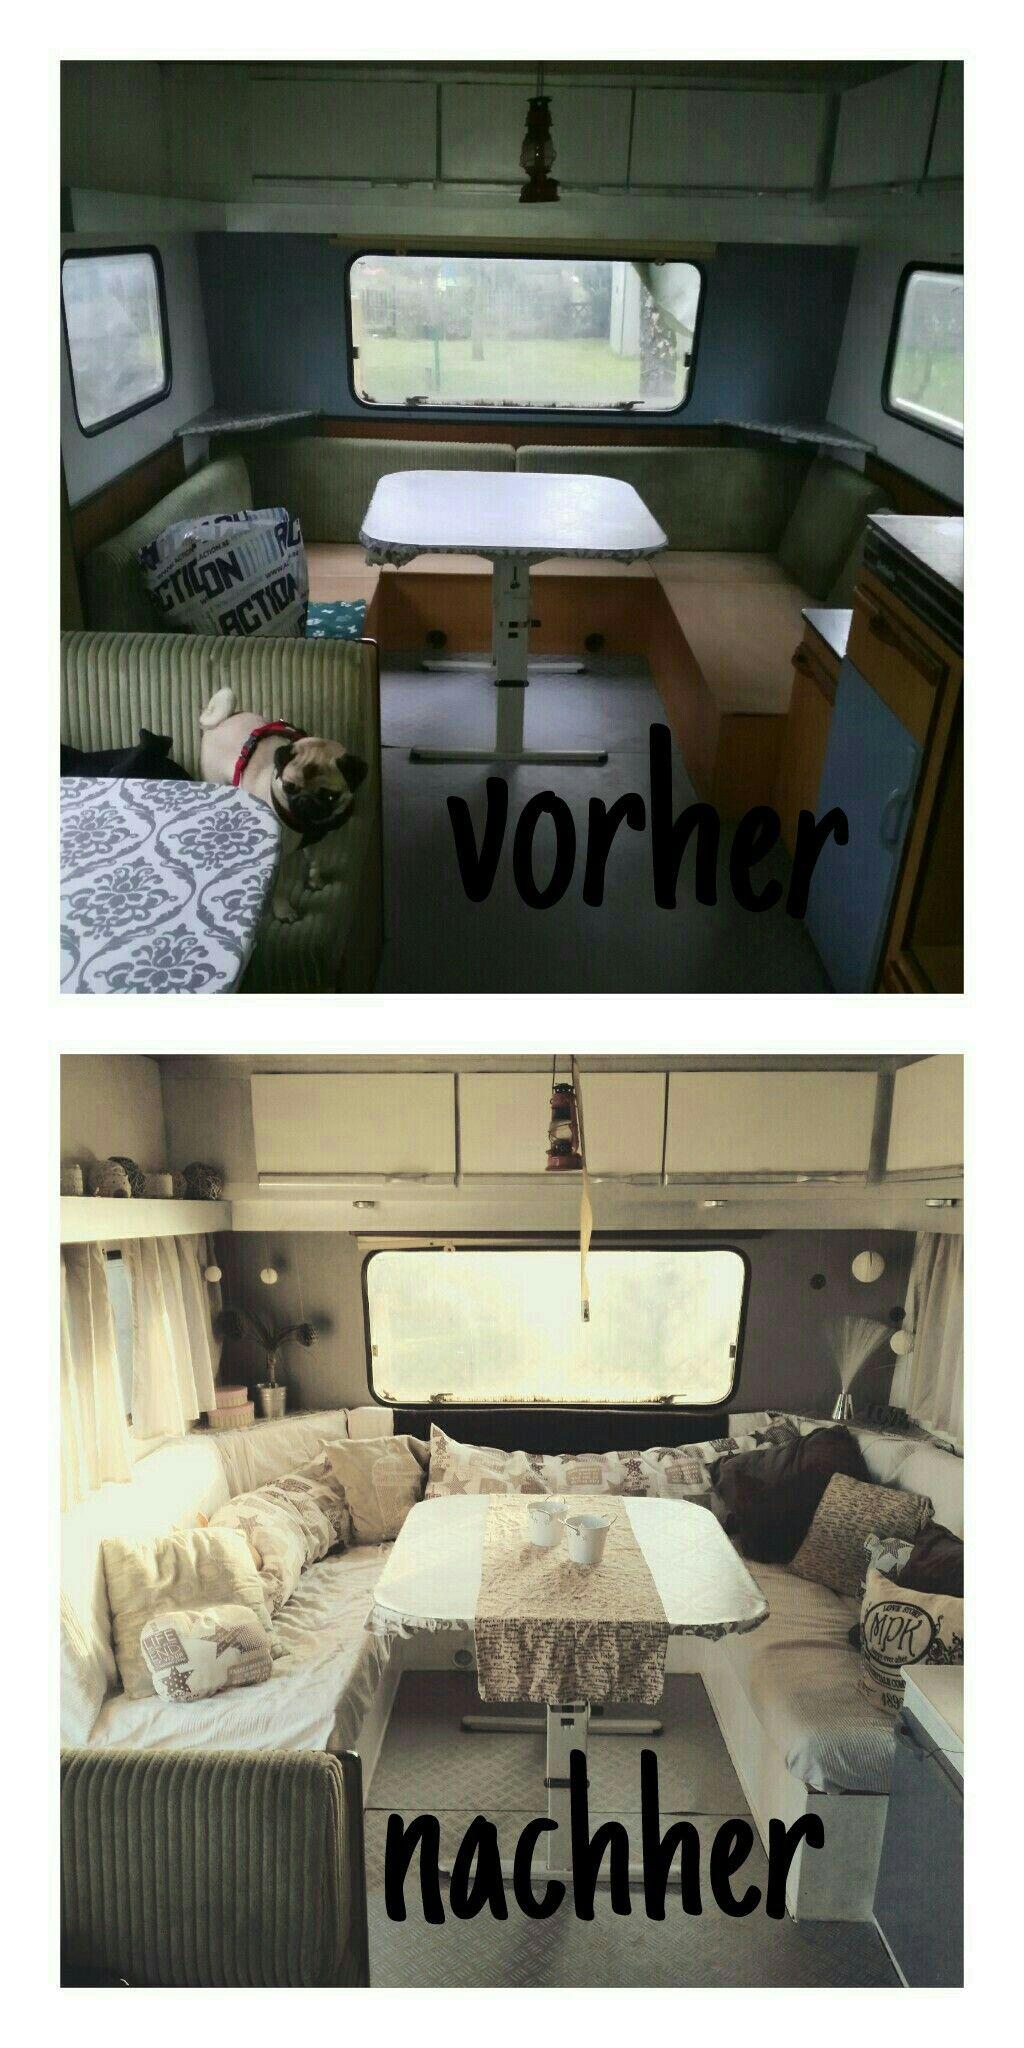 wohnwagen vorher nachher wohnwagen pinterest wohnwagen wohnwagen renovieren und wohnwagen. Black Bedroom Furniture Sets. Home Design Ideas